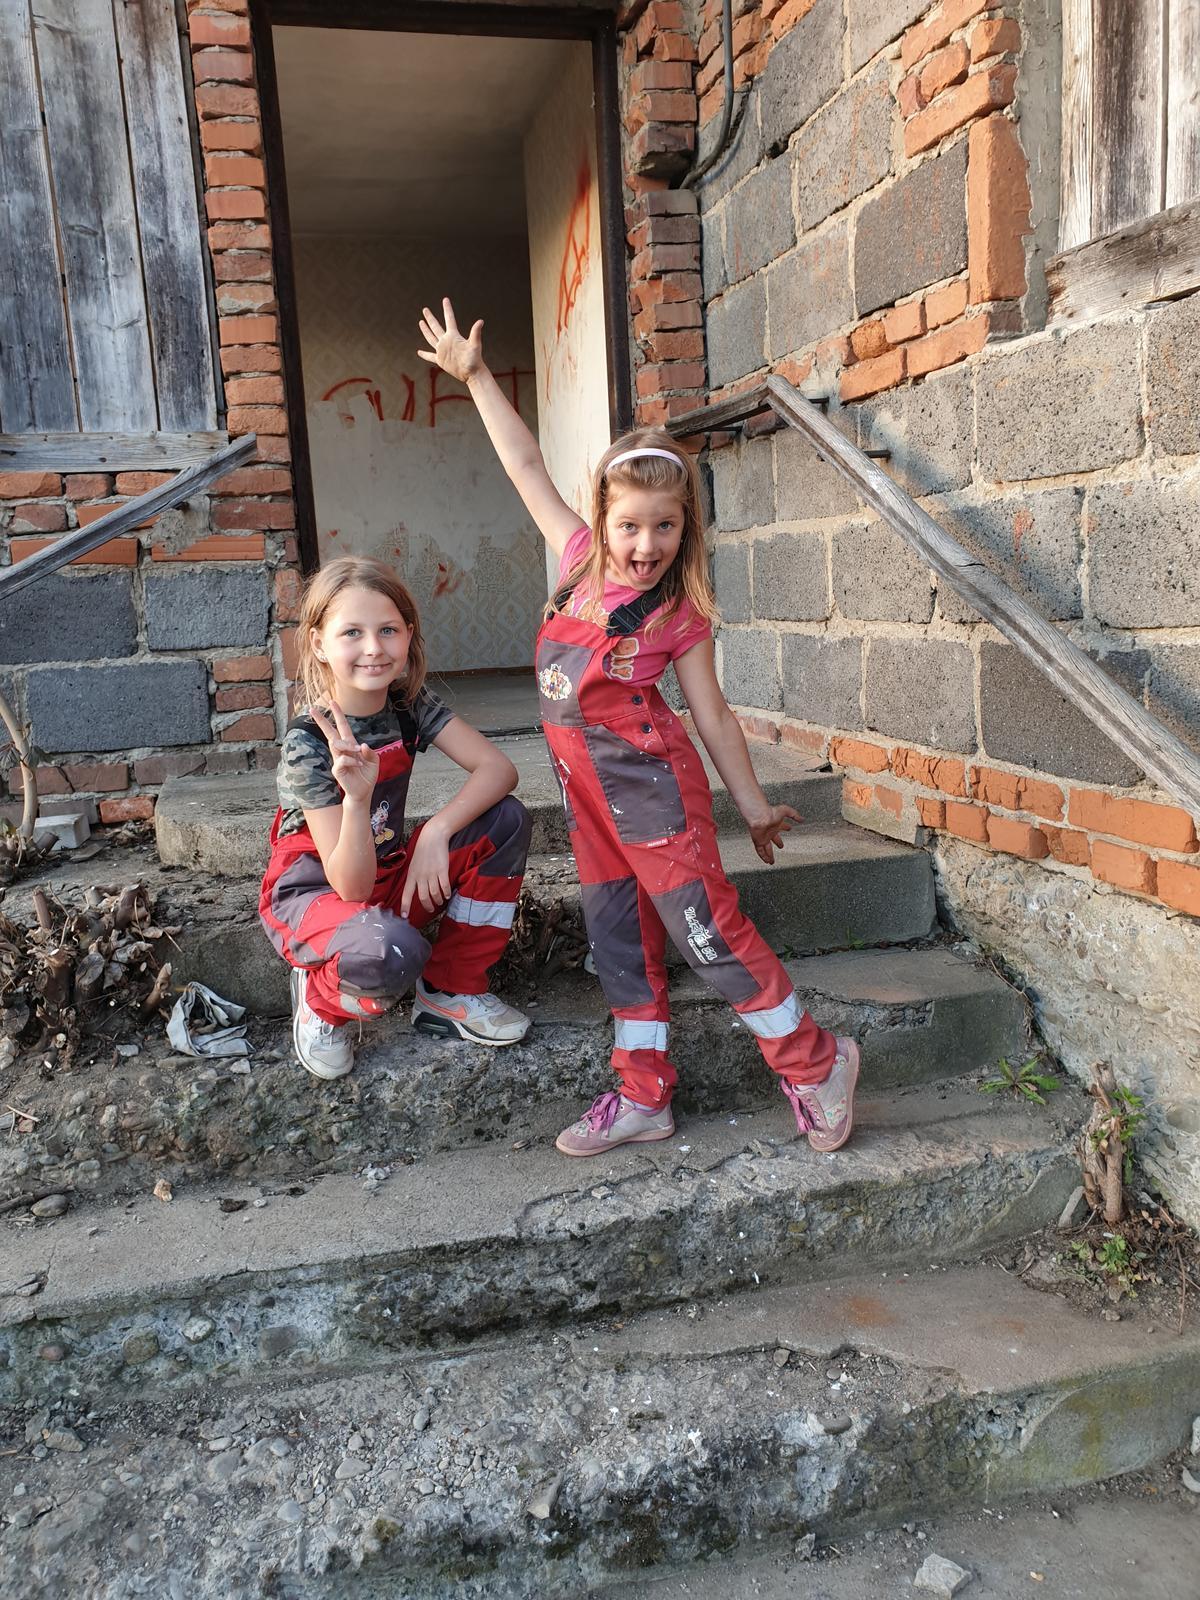 Rekonštrukcia domu-alebo chceme si splniť sen =》🏠🌻🌼🐶  mat domcek a vratit sa na Slovensko - Obrázok č. 73